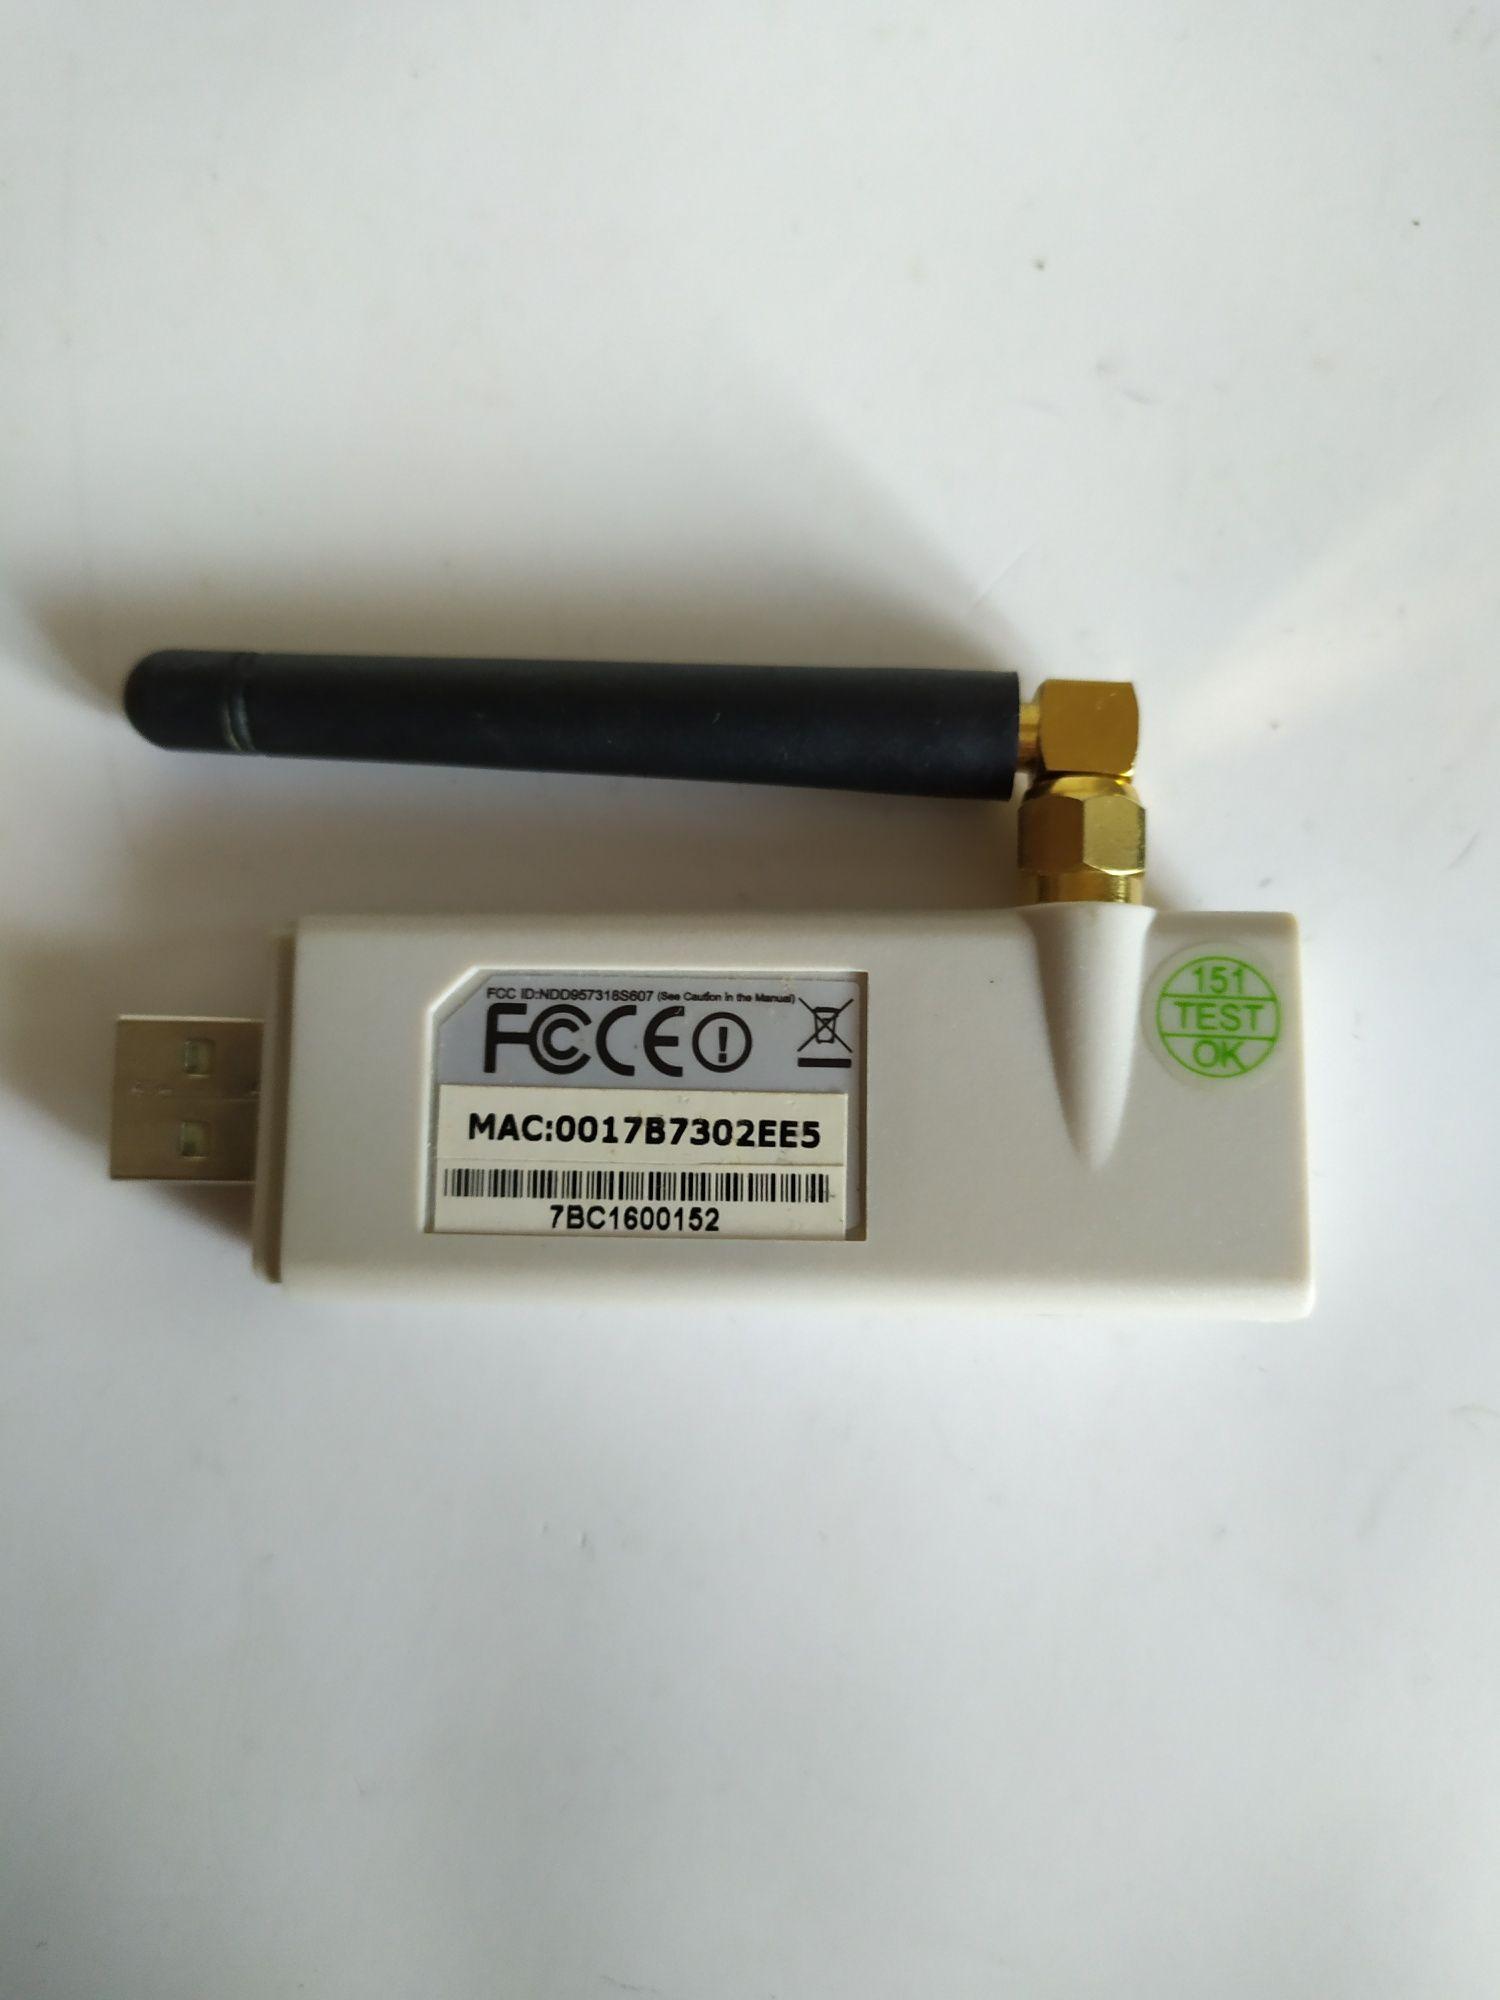 Wi-Fi USB modem...